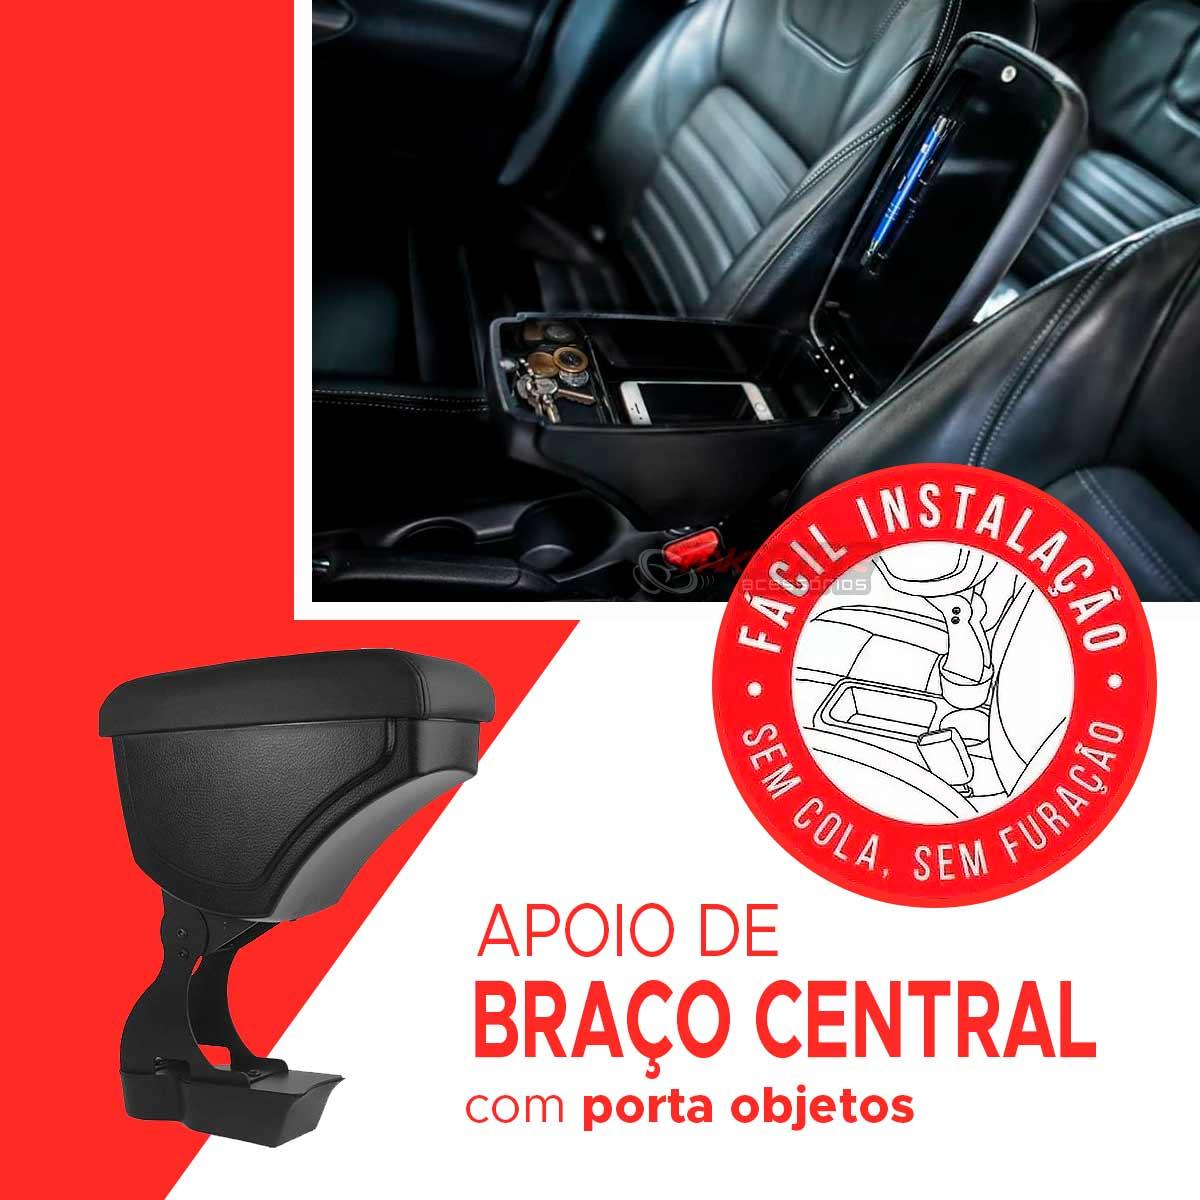 Apoio de braço Palio Siena Strada 1996 até 2012 Uno Mille 1984 até 2012 curvo preto